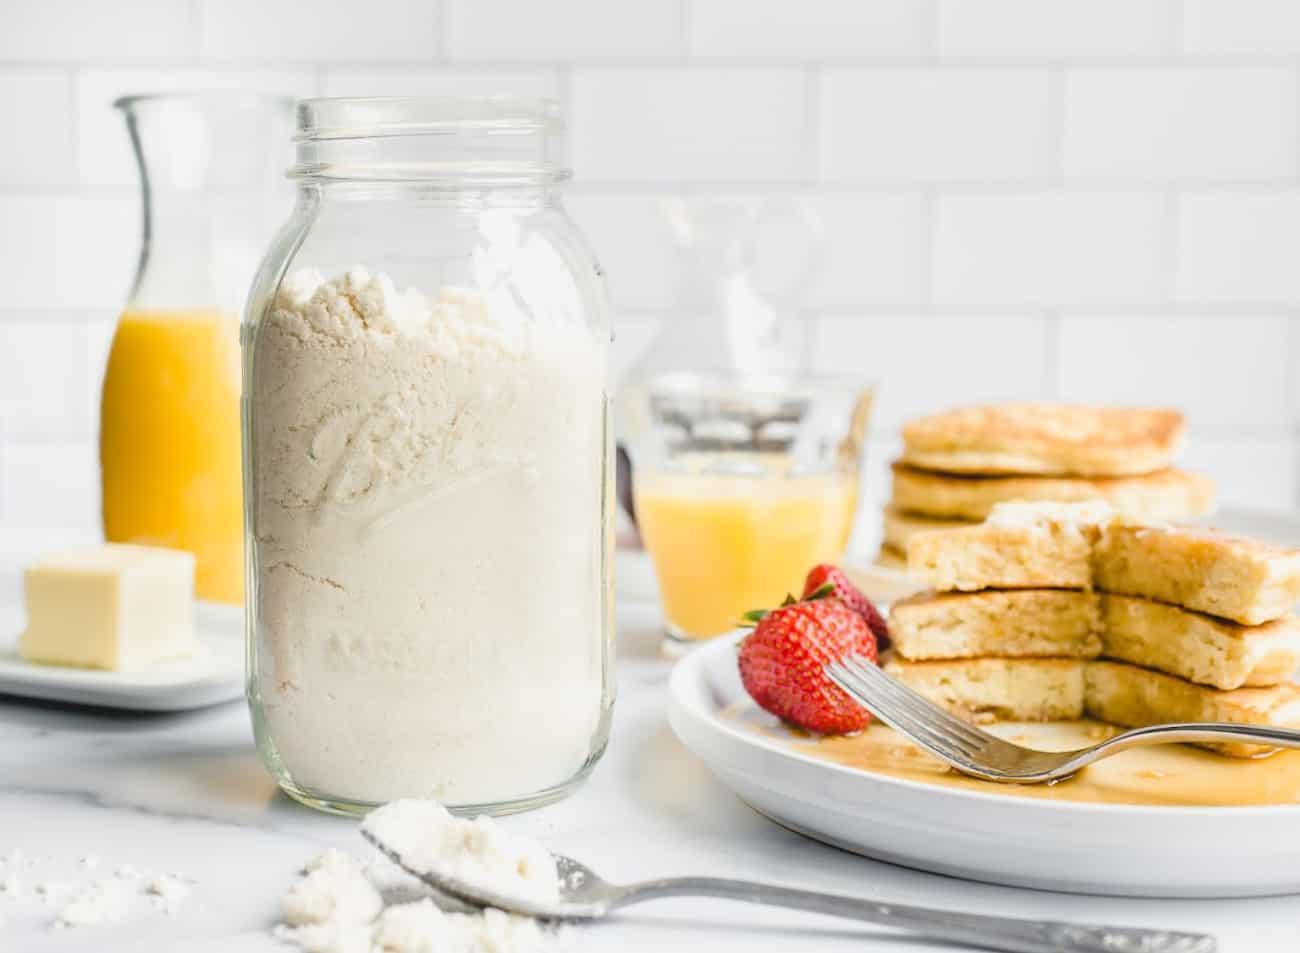 Glas voll selbstgemachter bisquick mix-neben einem Stapel von hausgemachten Pfannkuchen